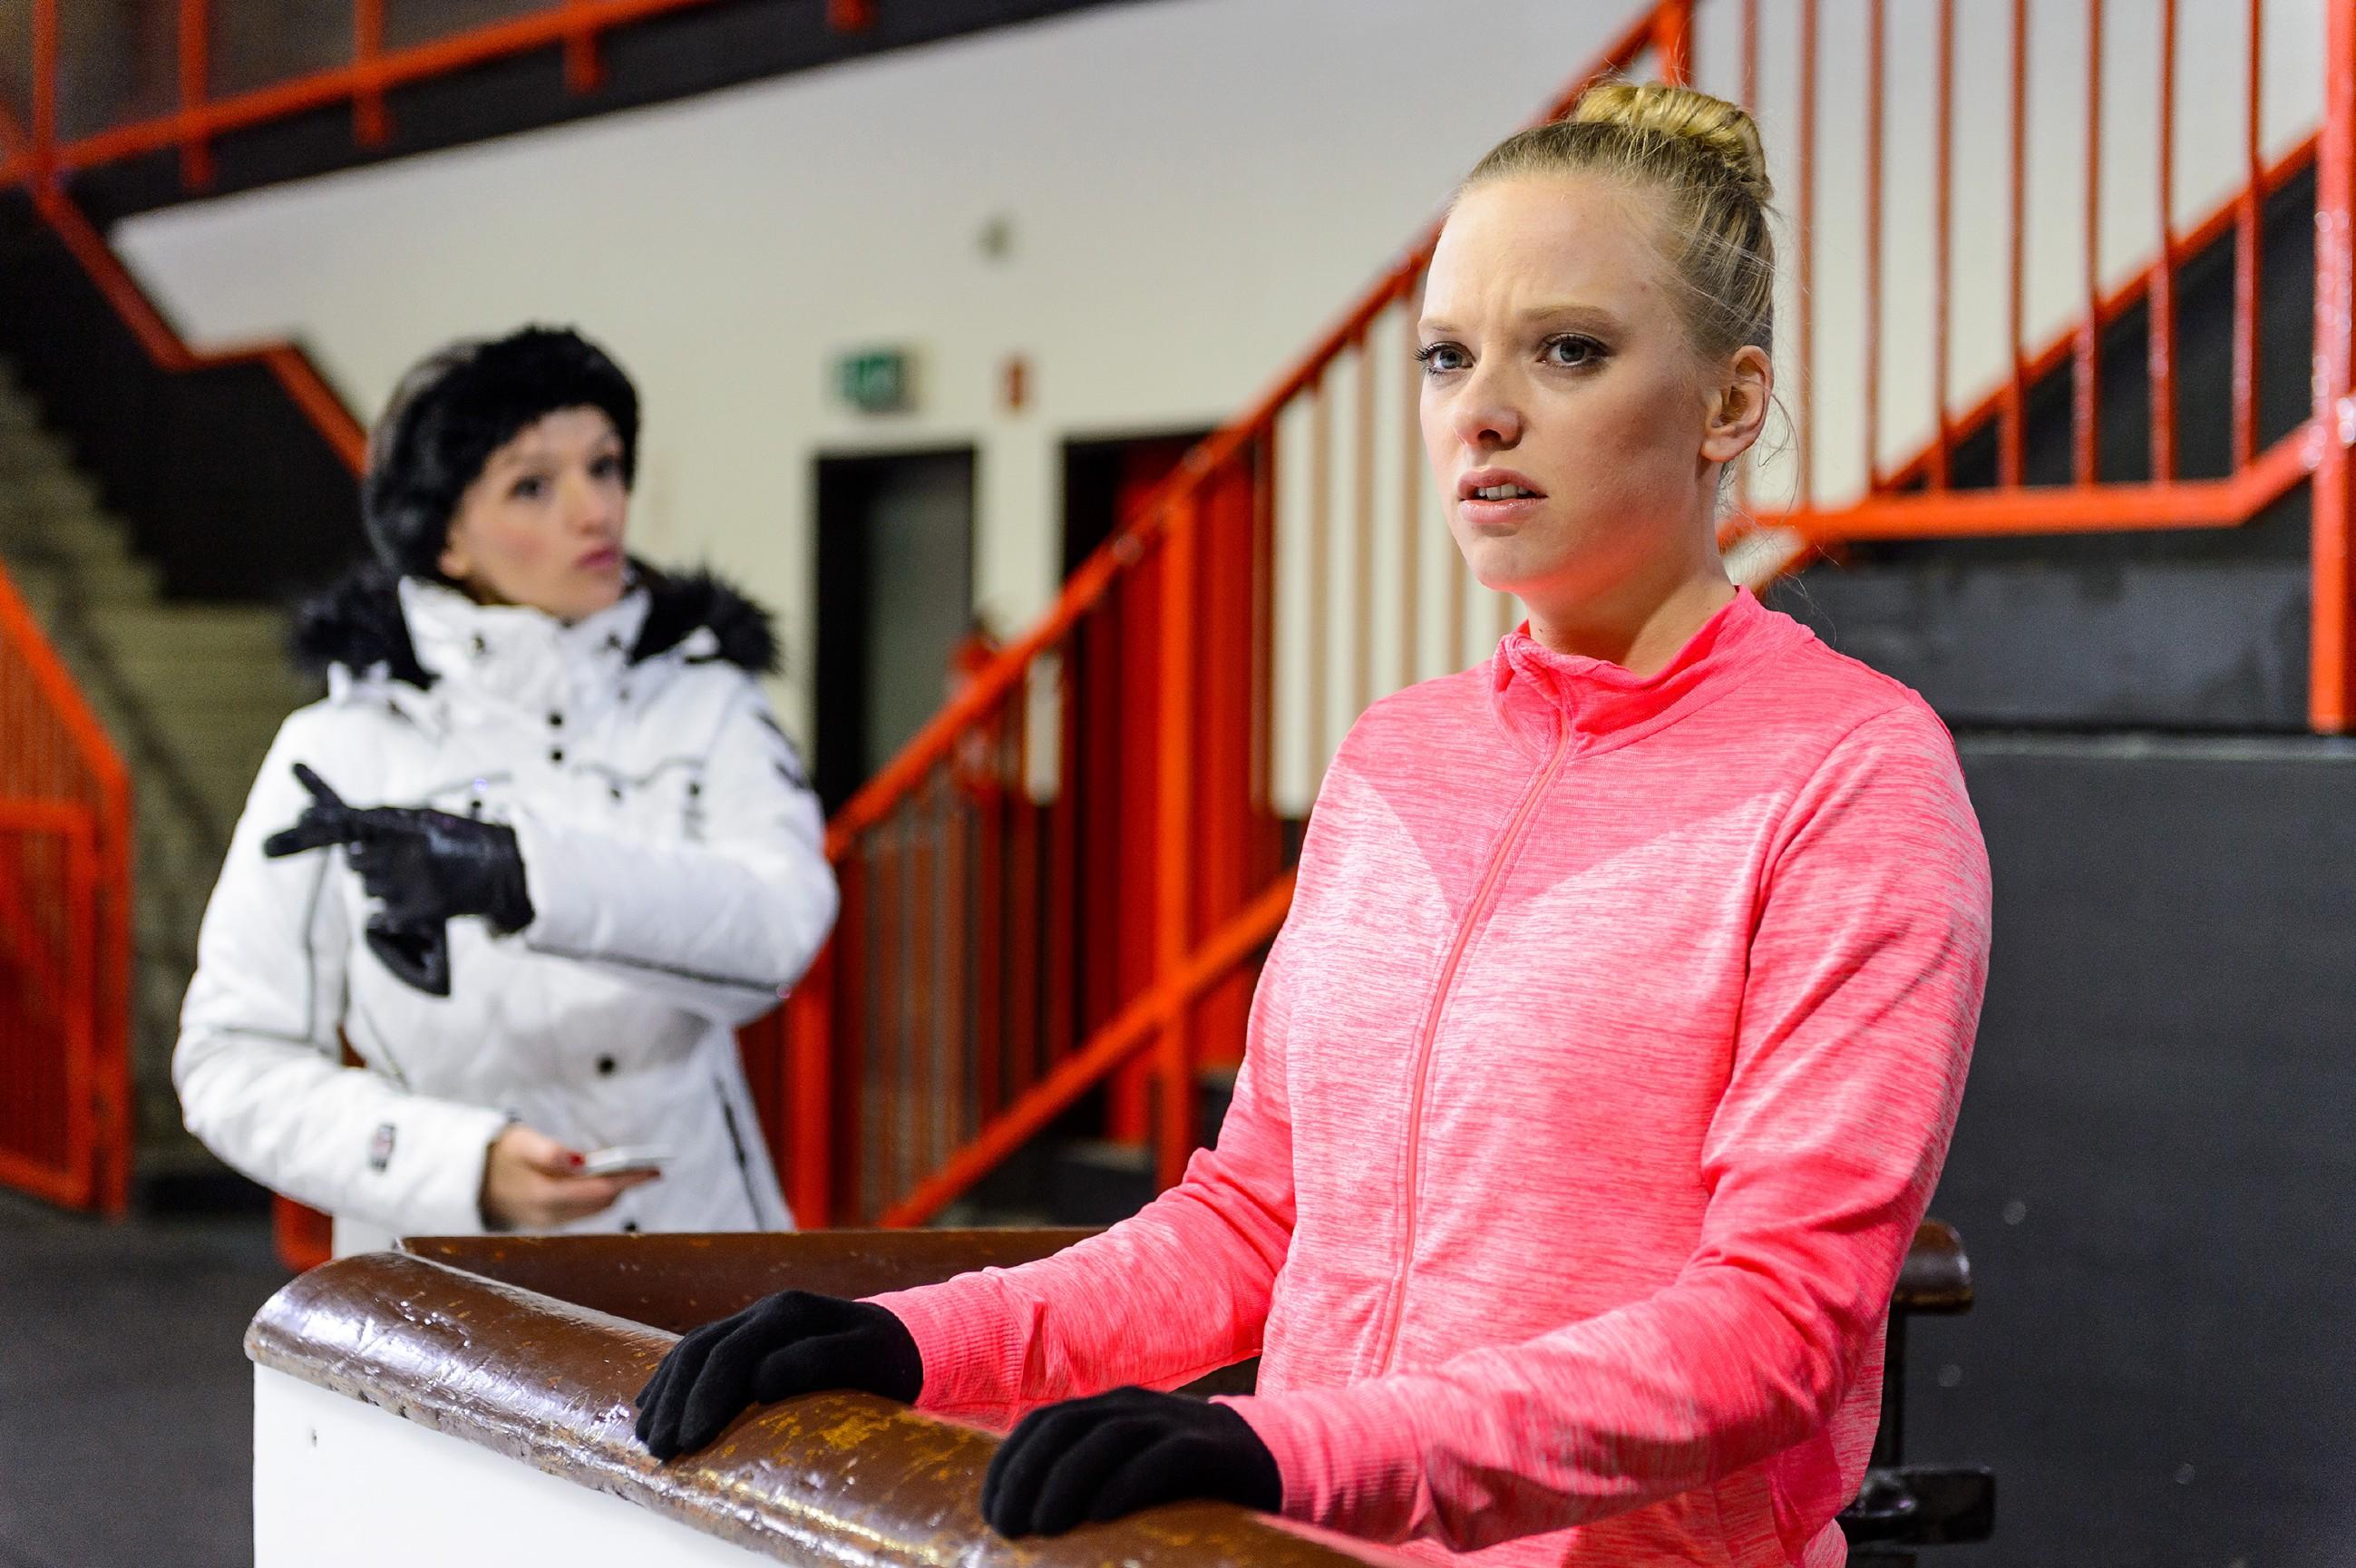 Obwohl Jenny (Kaja Schmidt-Tychsen, l.) sie dazu zwingen will, wieder aufs Eis zu gehen, bricht Marie (Judith Neumann) aufgewühlt ihr Training ab. (Quelle: RTL / Willi Weber)